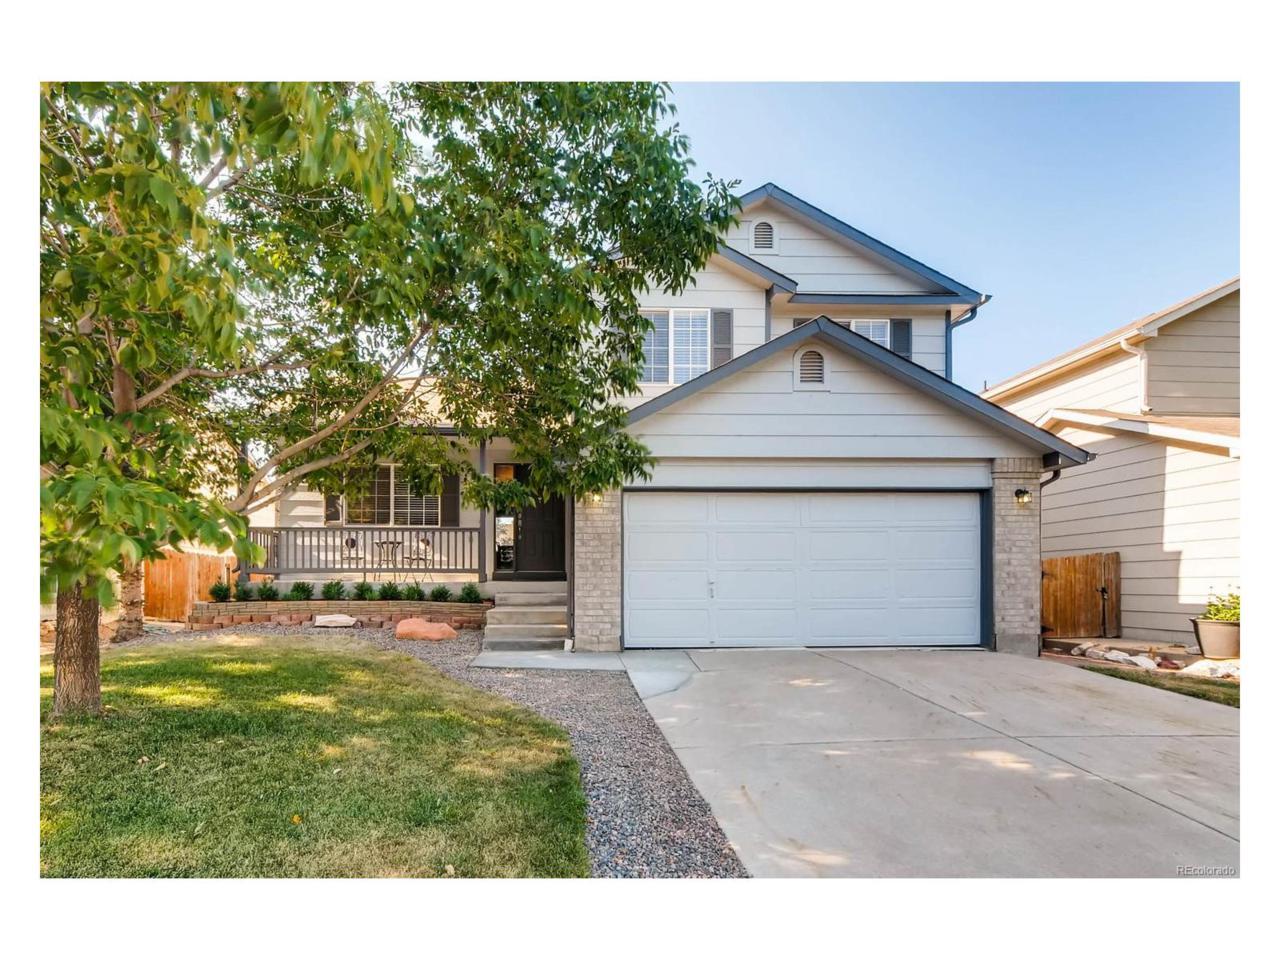 4654 E 135th Avenue, Thornton, CO 80241 (MLS #1846205) :: 8z Real Estate